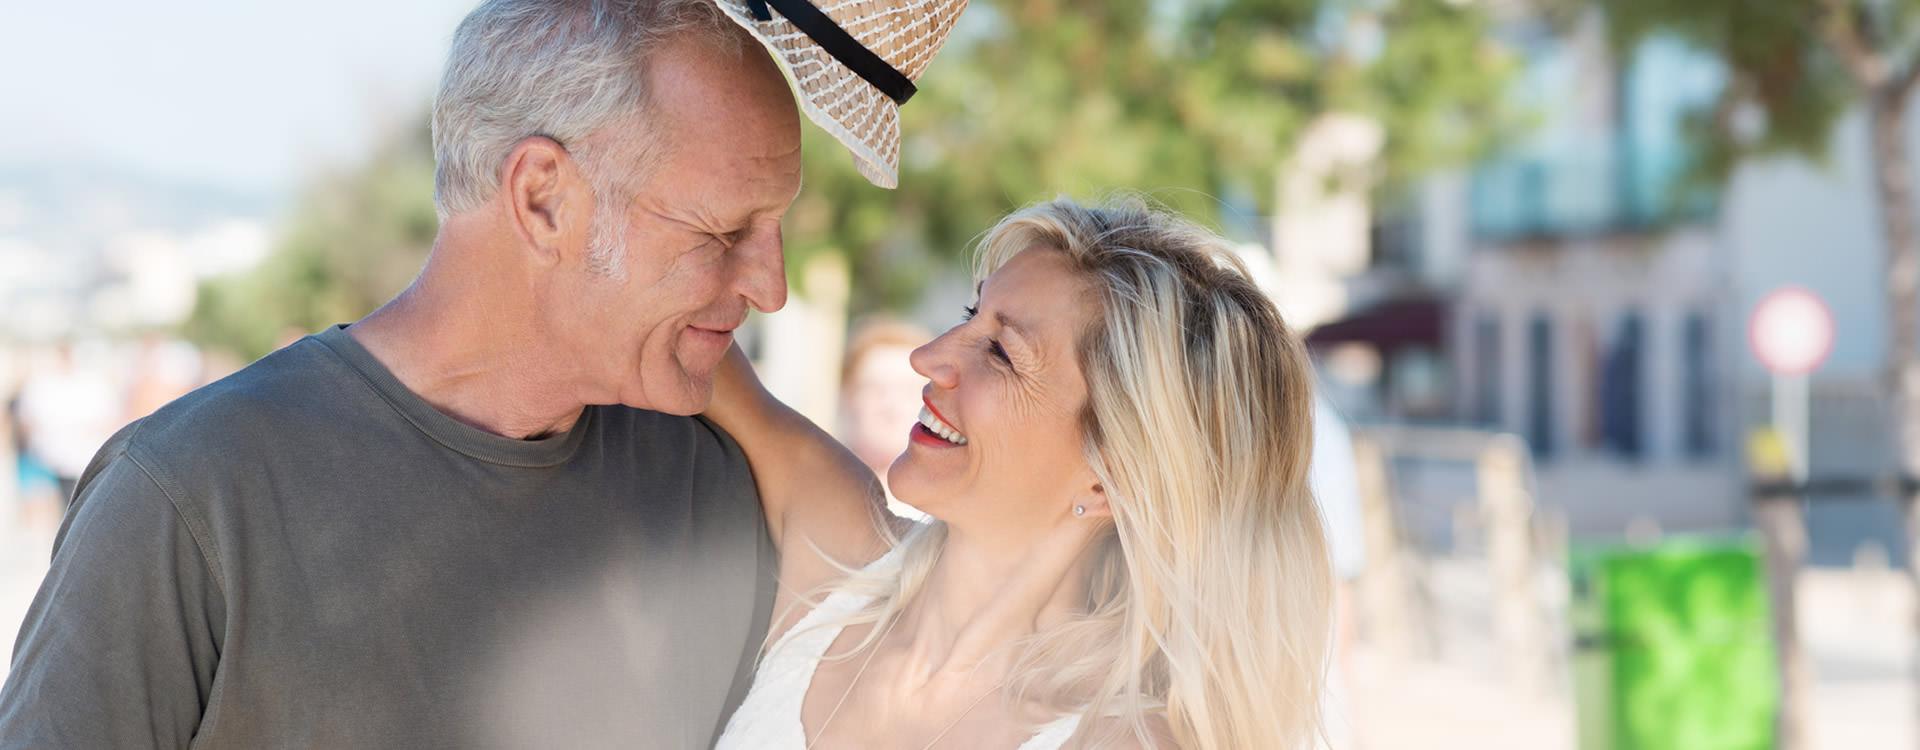 Aktuell vermittelte Paare - Seriöse Partnervermittlung in